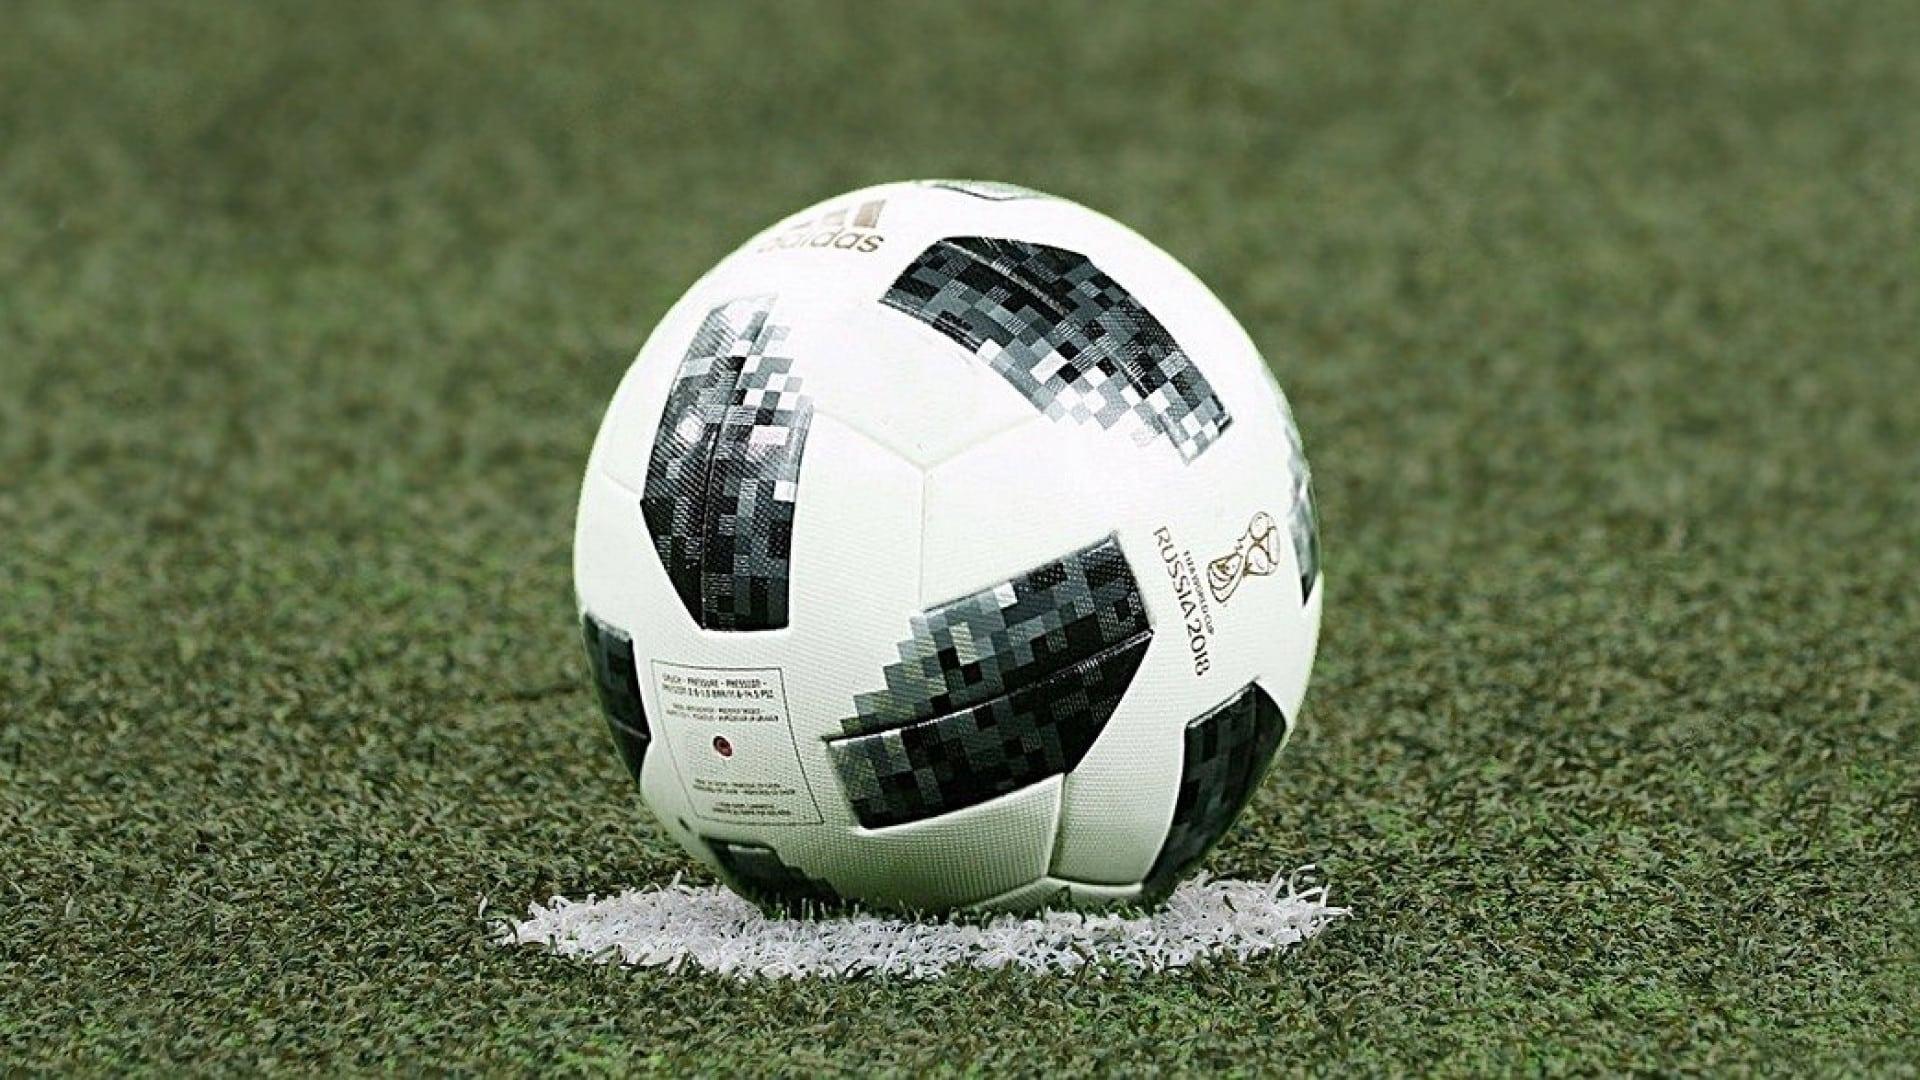 Classico de la Ligue 1, l'OM parviendra-t-il à réitérer son exploit en battant le PSG ?